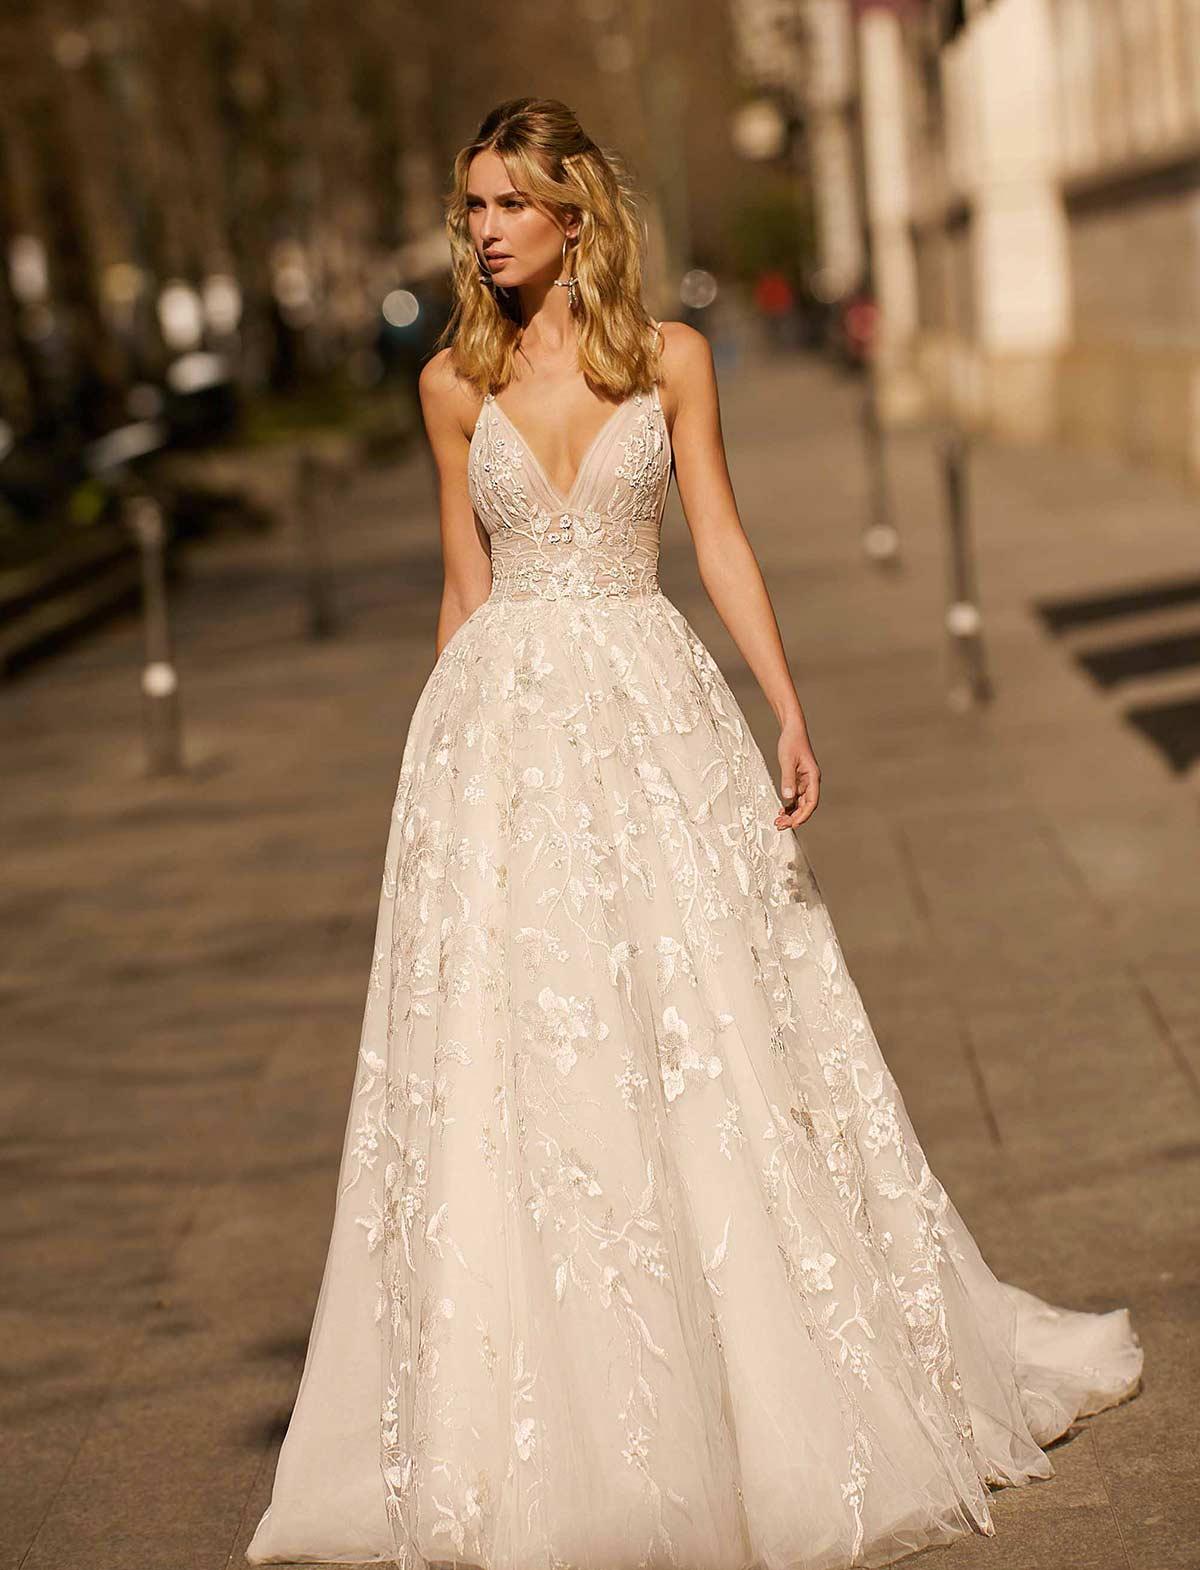 Berta Bridal 20-06 Abito Sposa